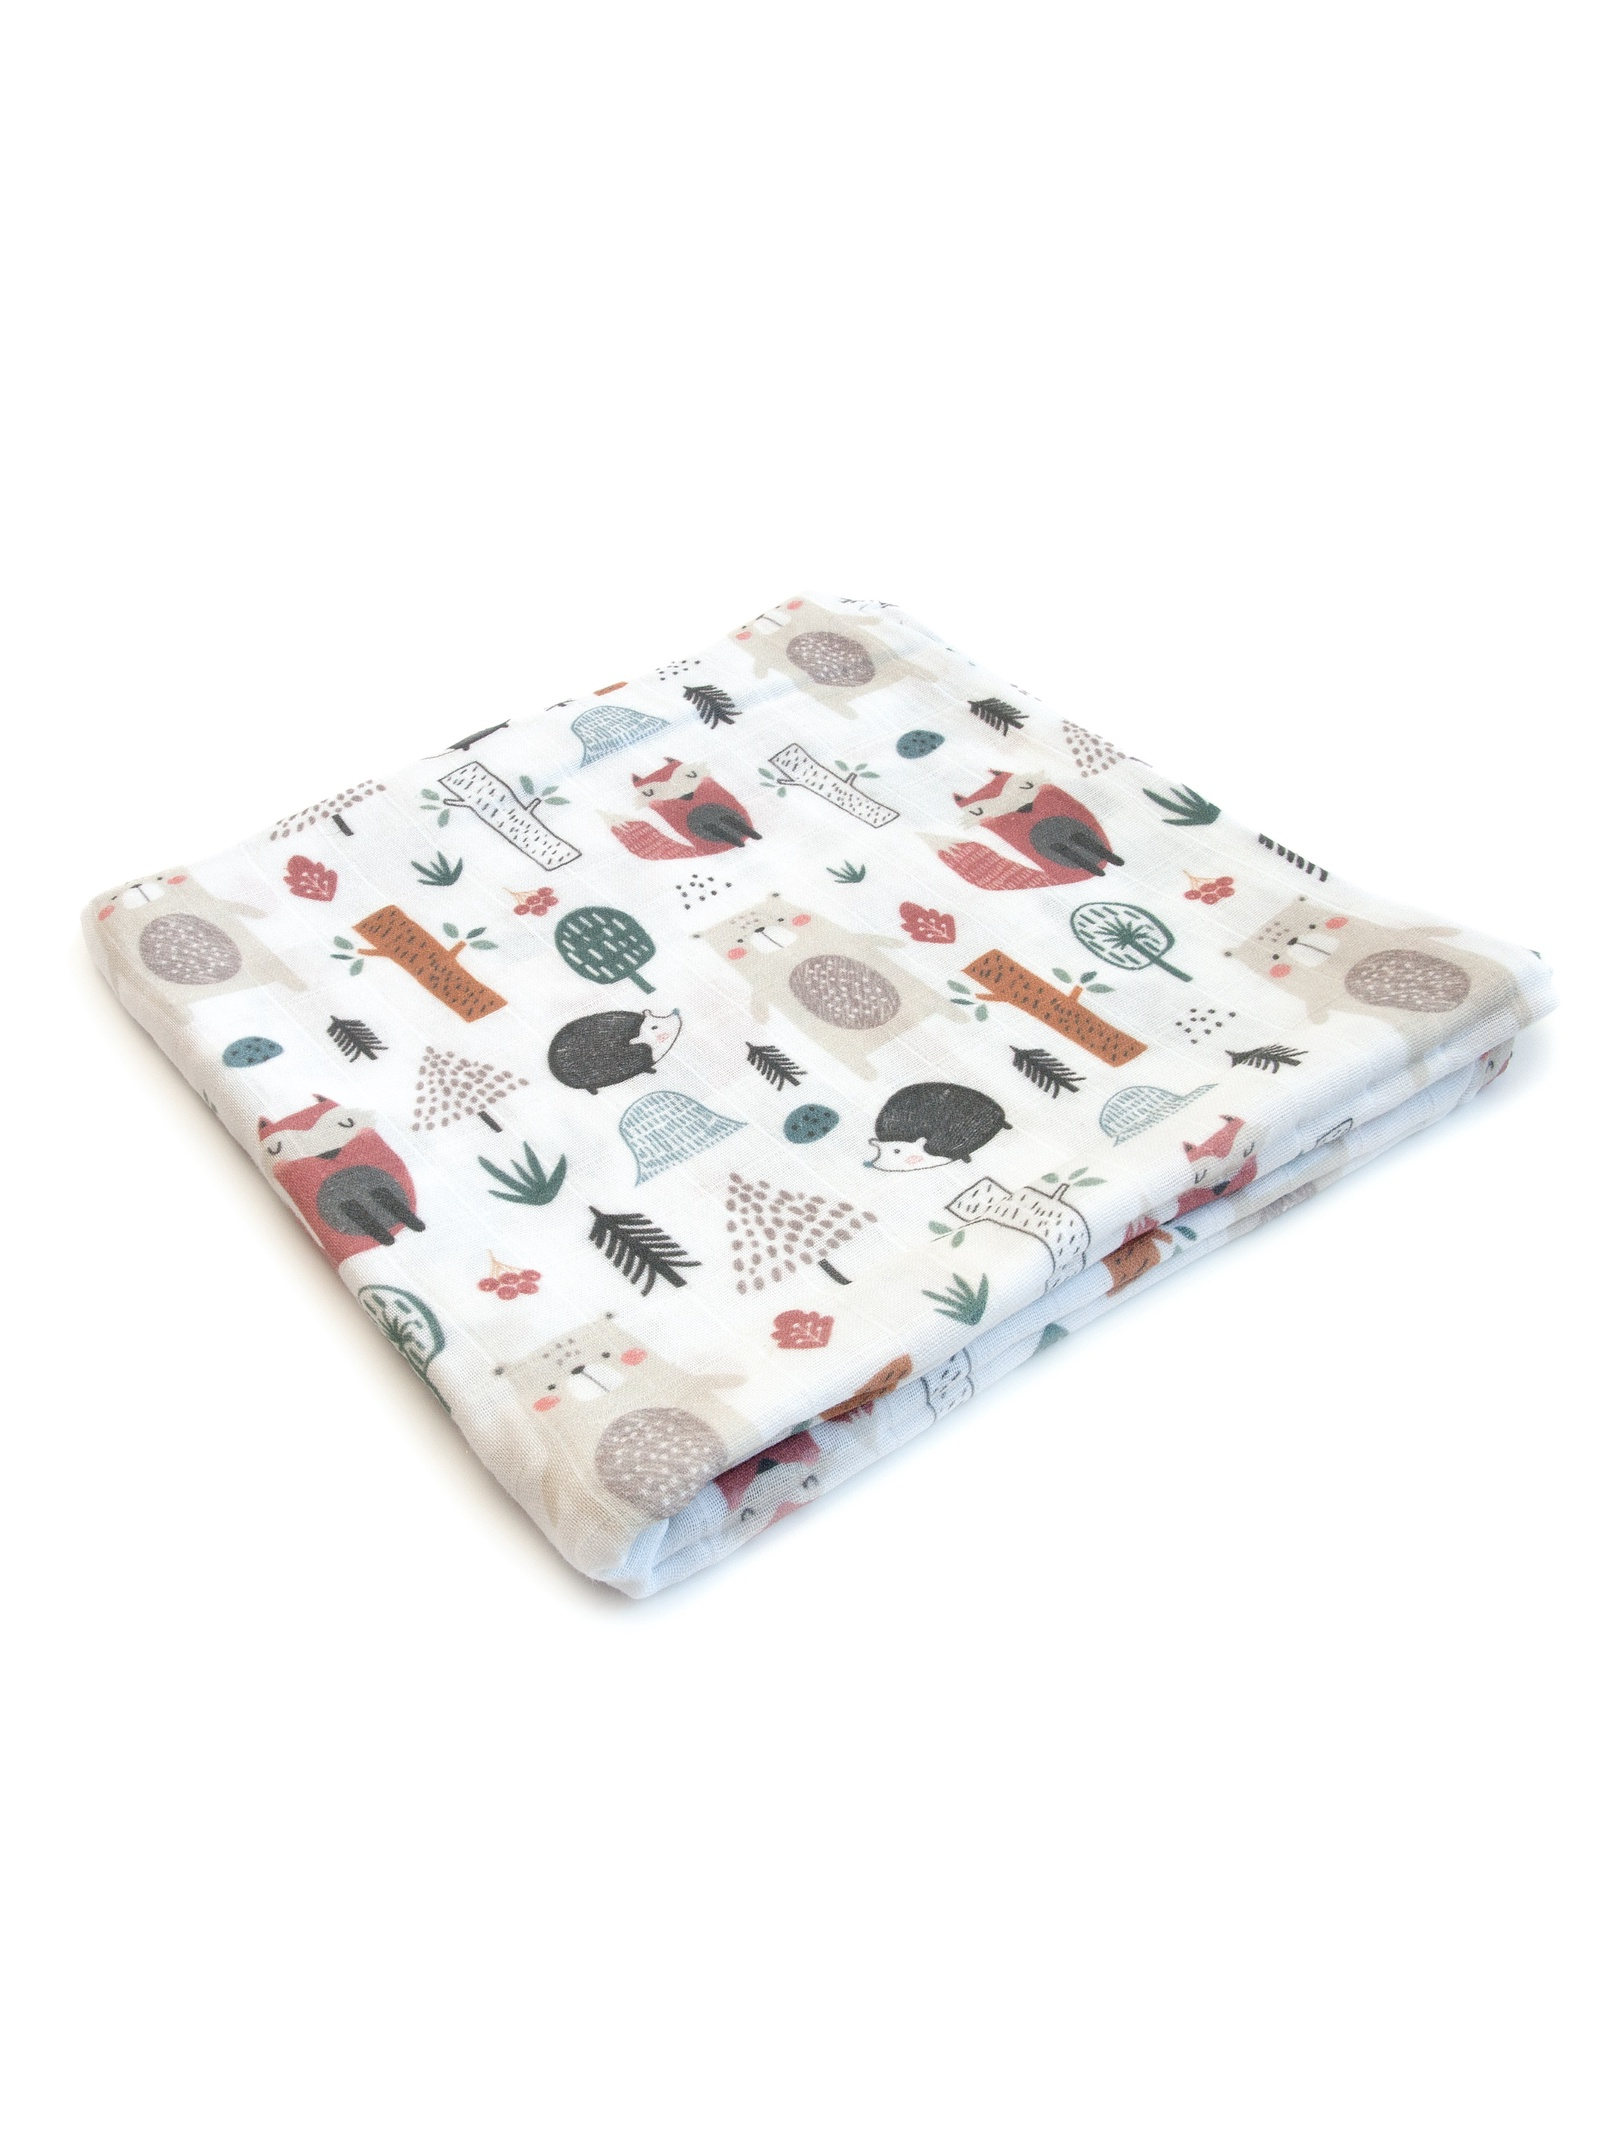 Пеленка текстильная MamSi Муслиновая пеленка Лиса и Медеведь красный, коричневый, серый